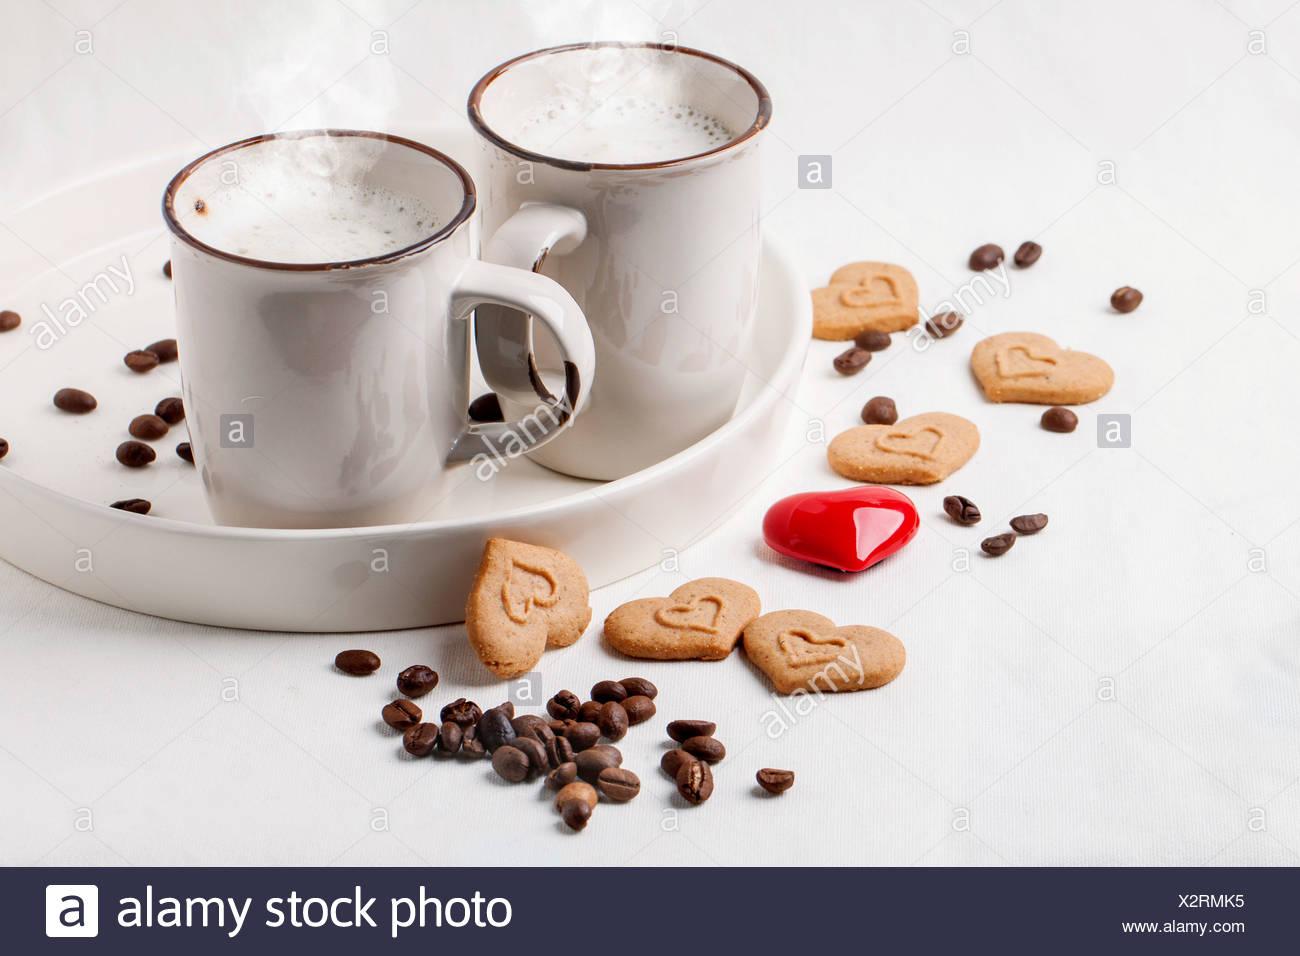 Deux tasses de cappuccino servi avec des épices et des biscuits que des coeurs et un cœur rouge sur textile blanc. Photo Stock